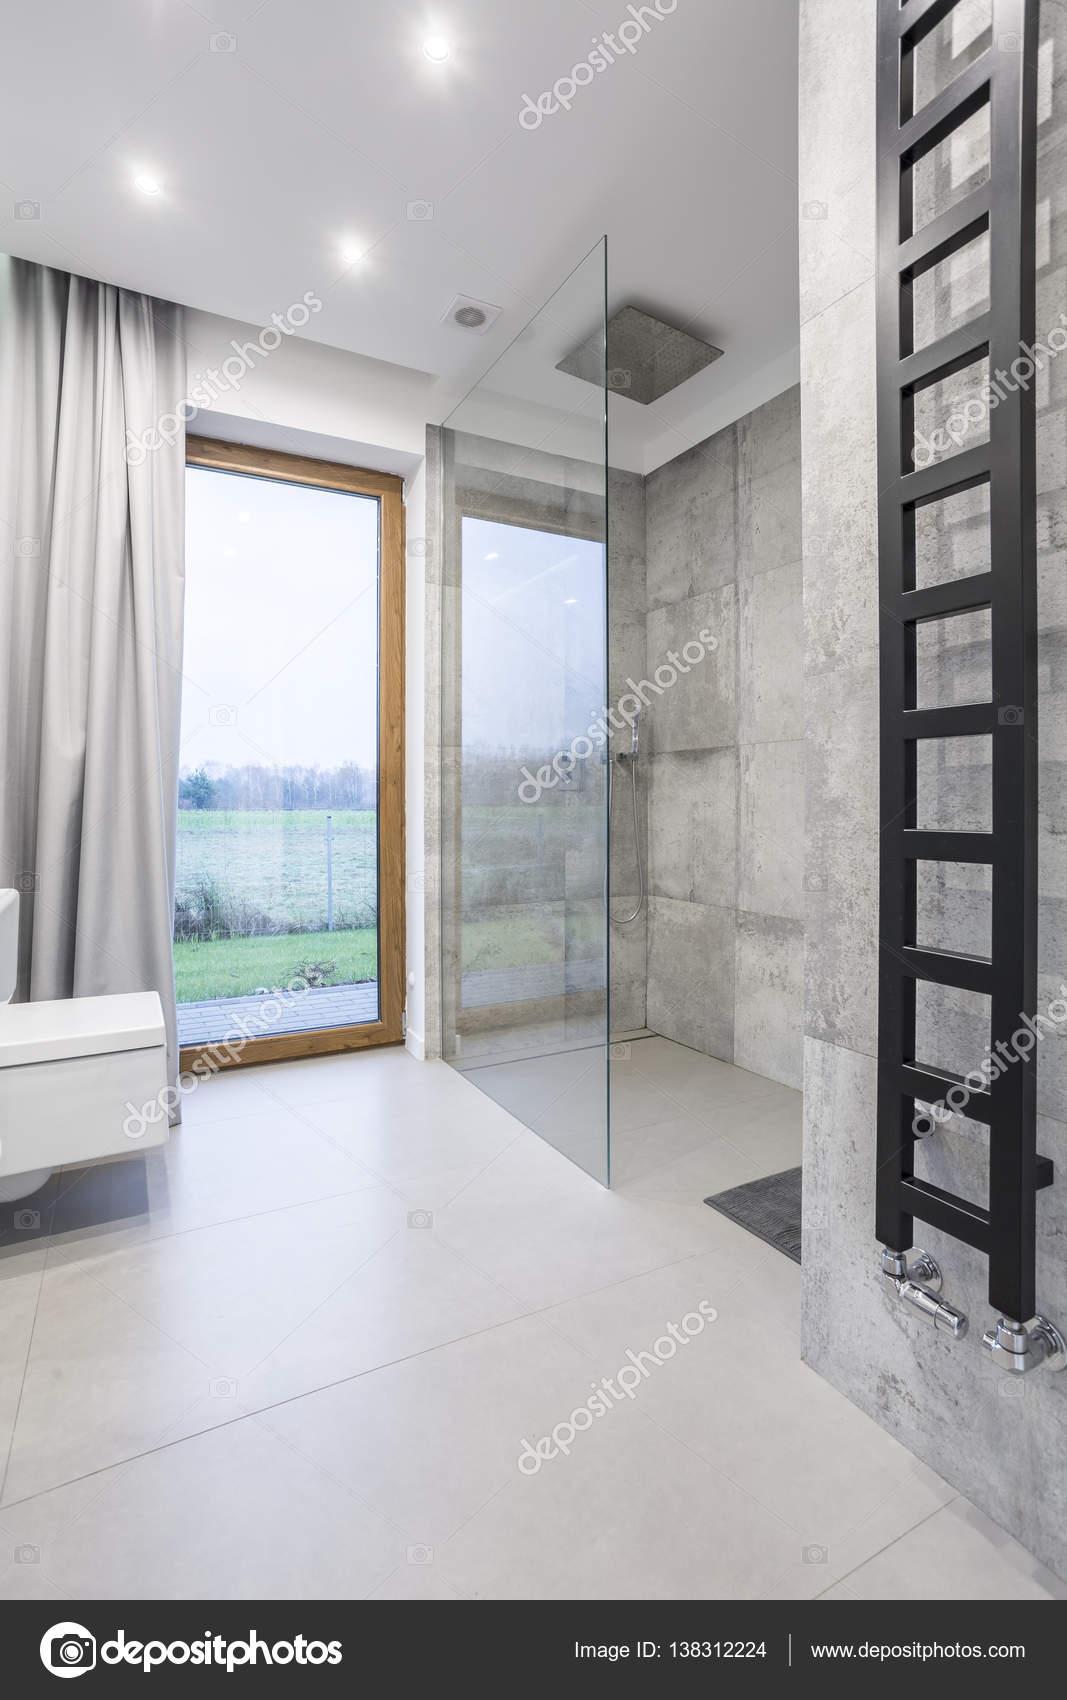 Salle De Bain Lumineuse Design ~ design minimaliste dans salle de bain photographie photographee eu